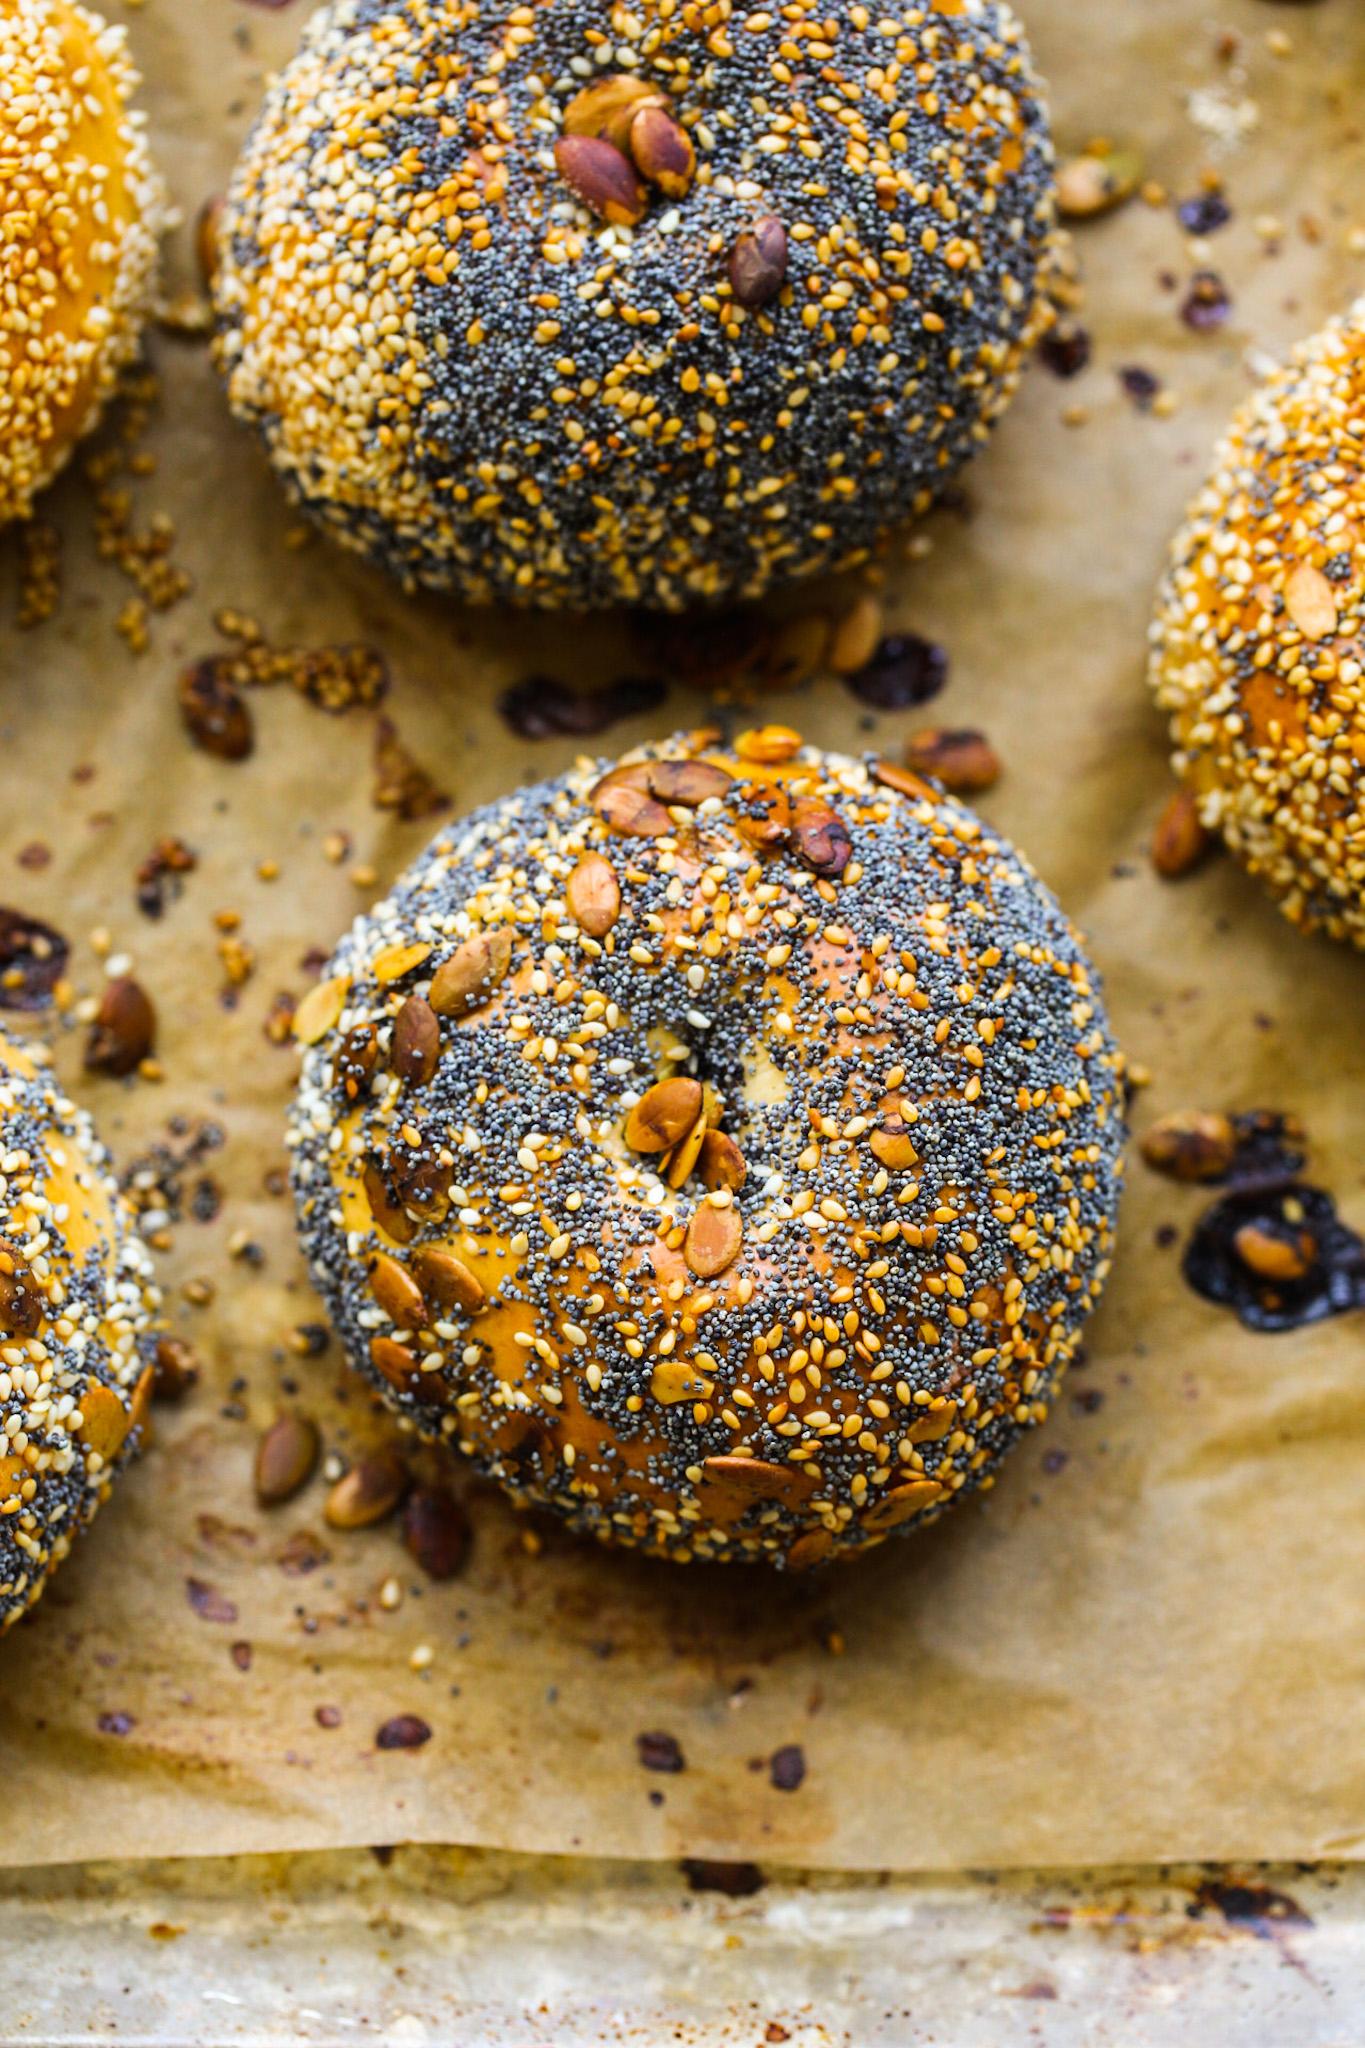 Os bagels são veganos? - HealthyHappyLife.com 2